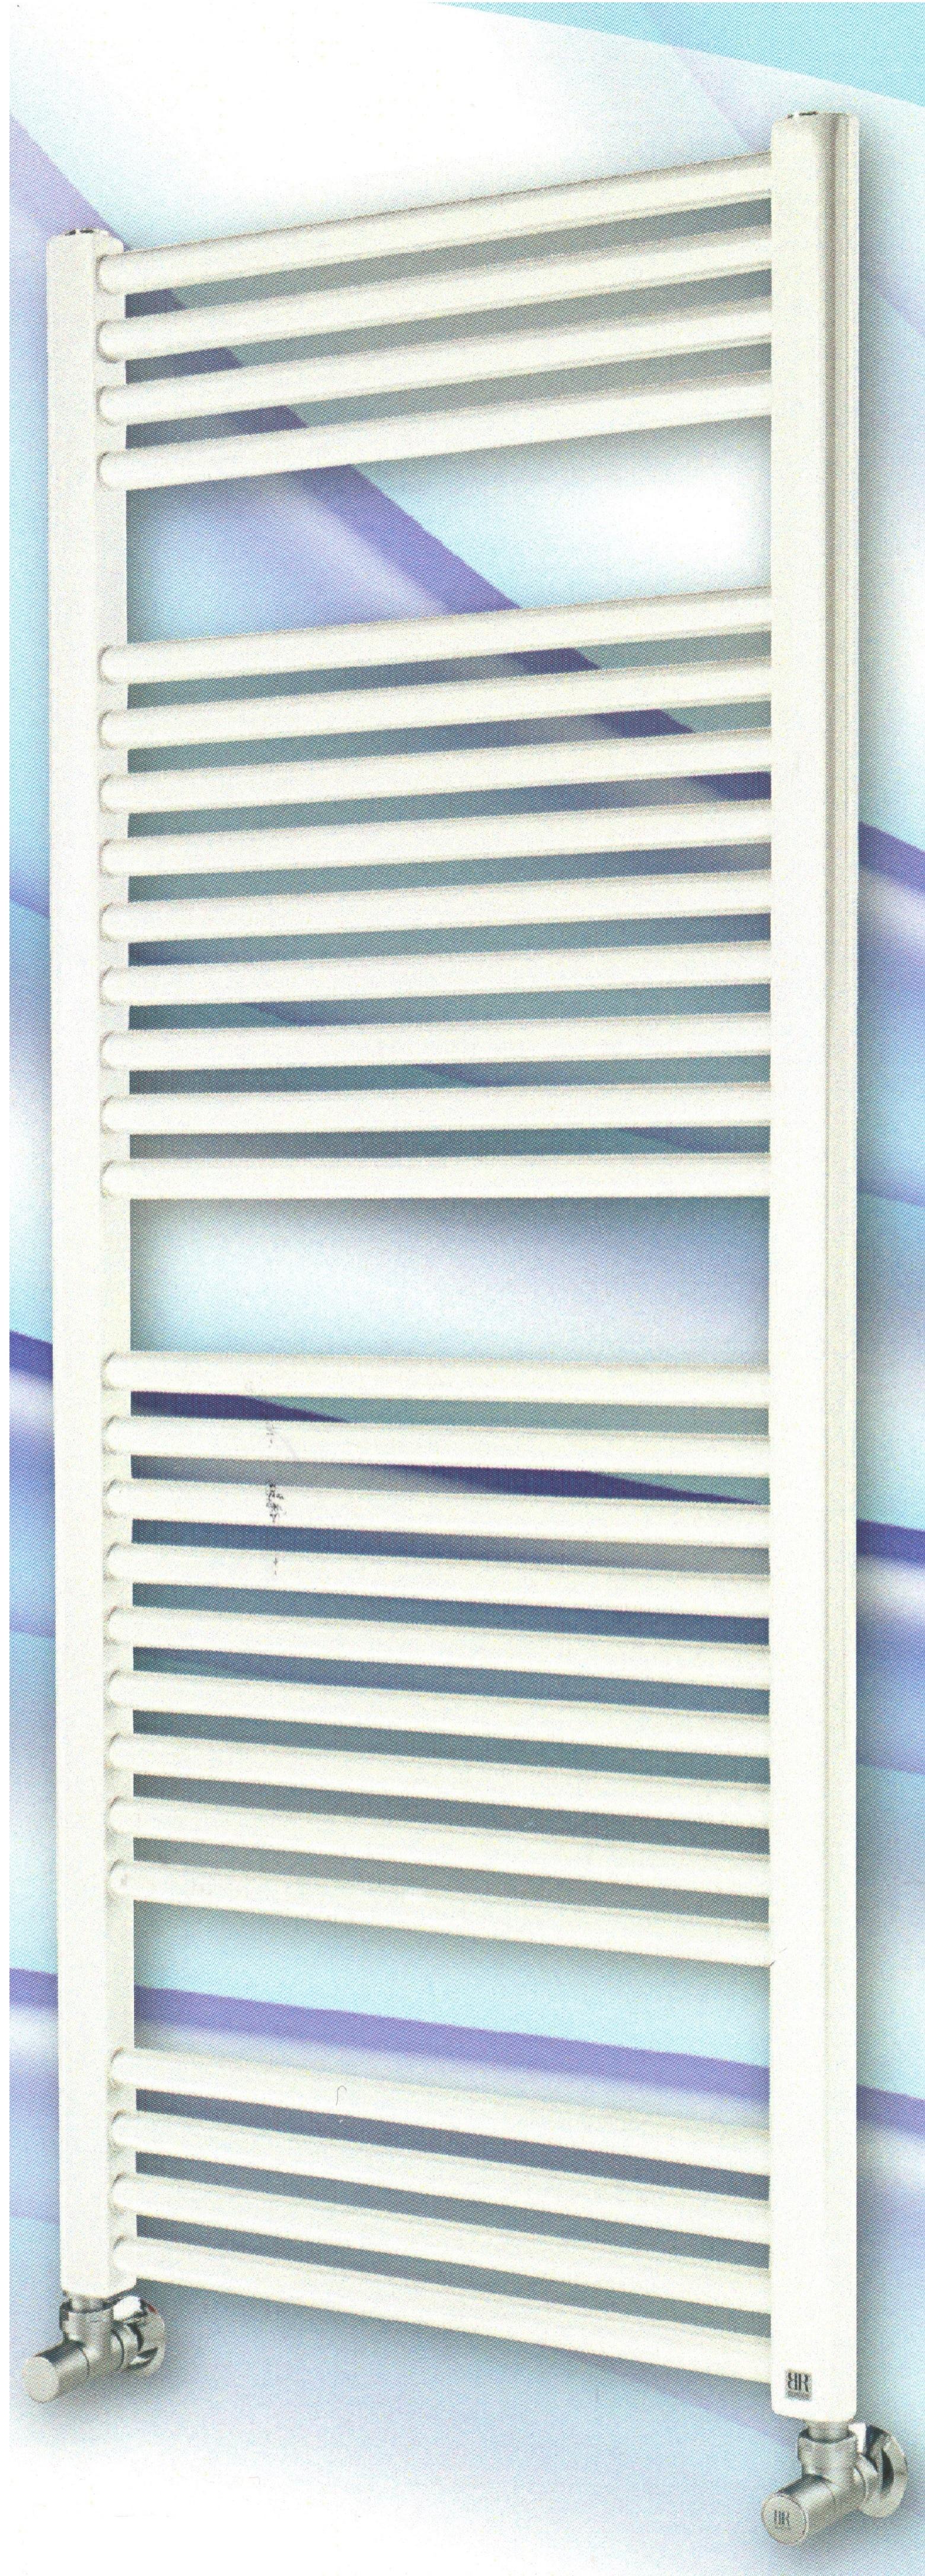 Radiatore scaldasalviette bianco 600x750